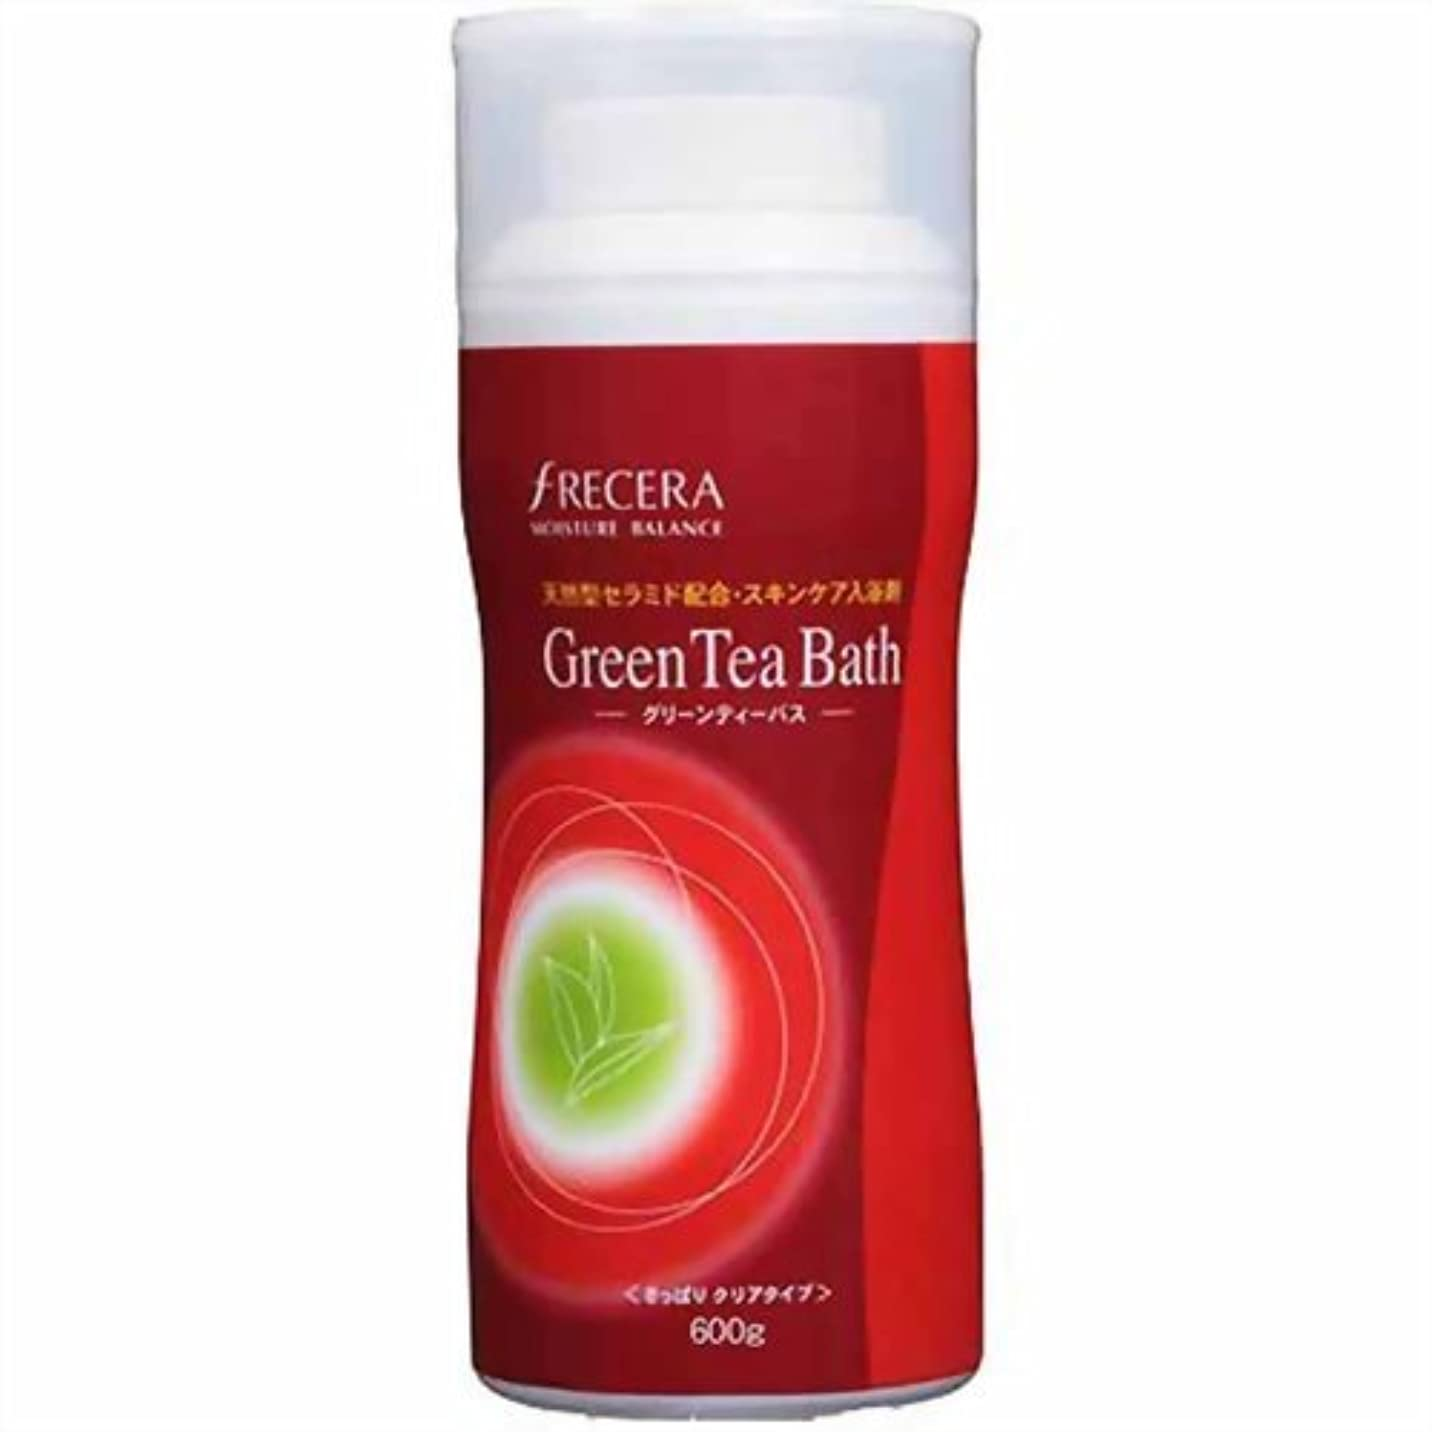 組立意味する定数フレッセラ セラミド入浴剤 グリーンティーバス 600g